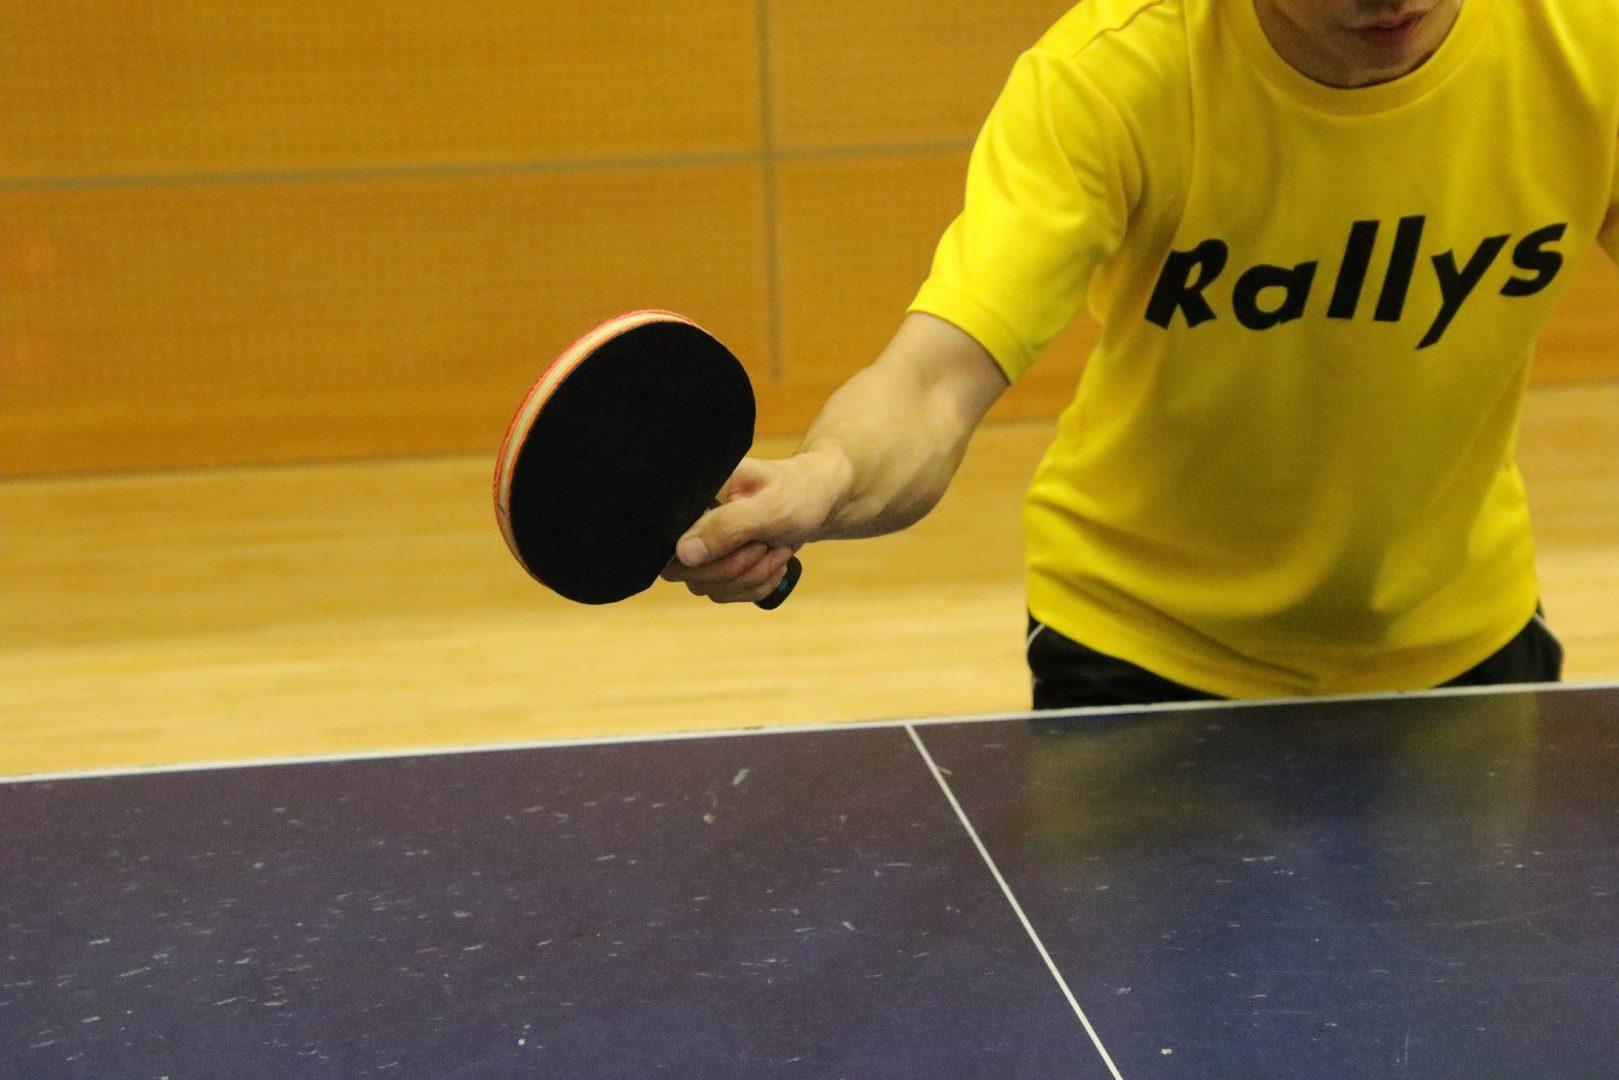 【初心者必見】フリックの対策|卓球基本技術レッスン